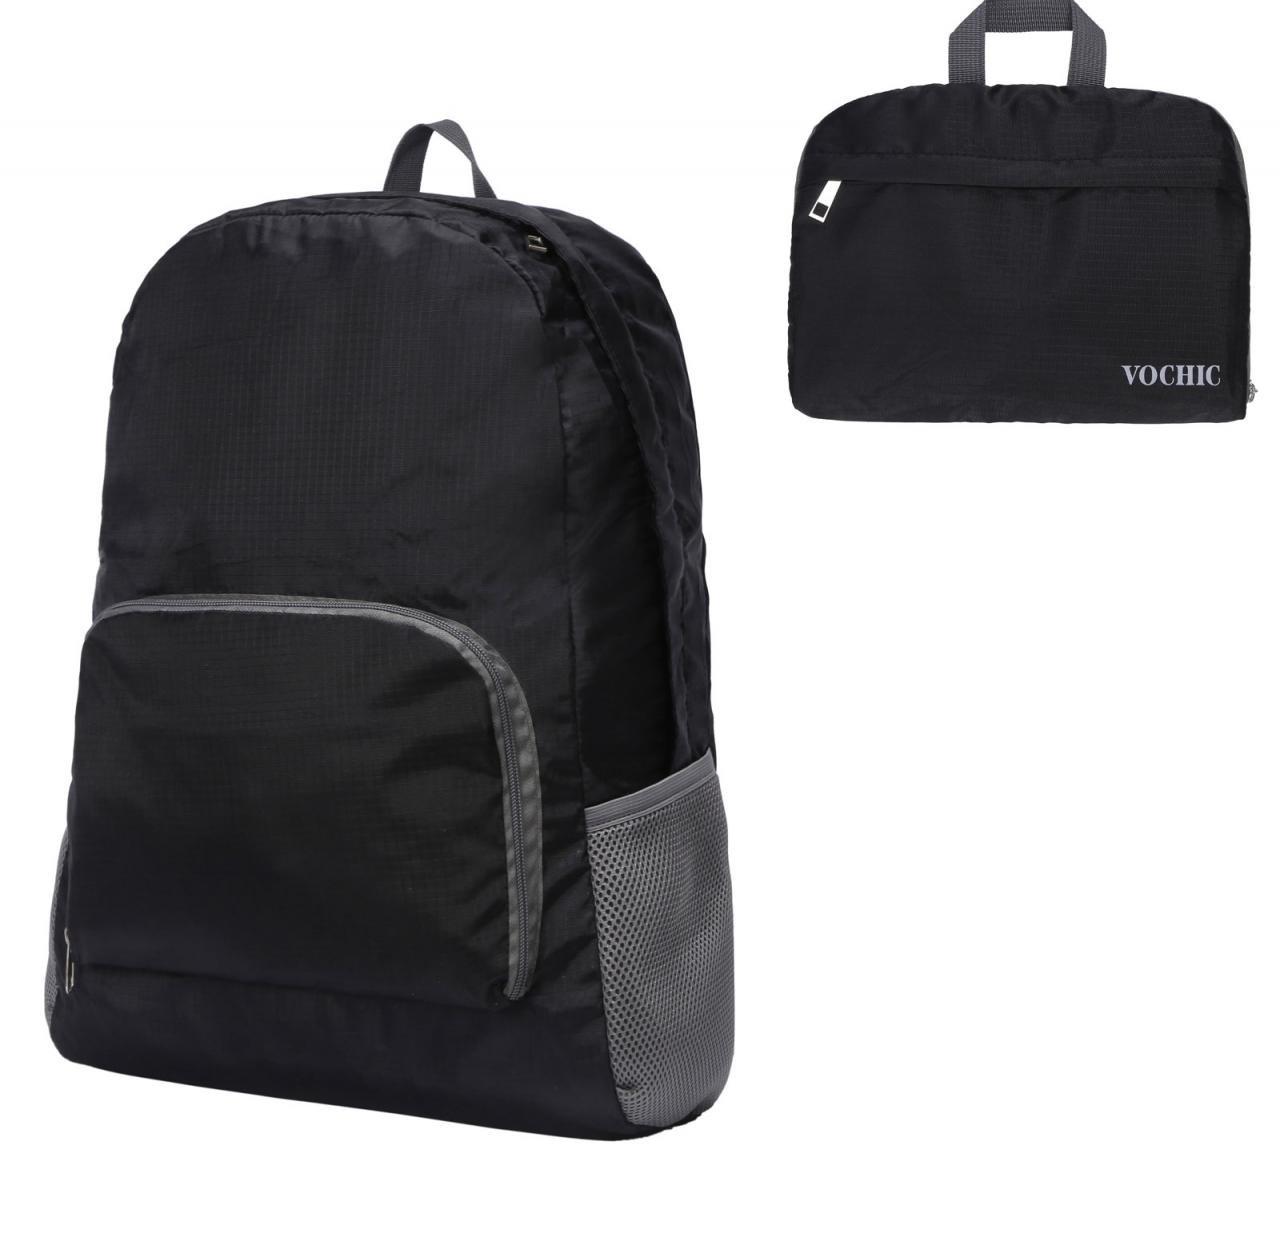 20l軽量Packableバックパック防水折りたたみ式旅行ハイキング用デイパック B06XC53JZG ブラック